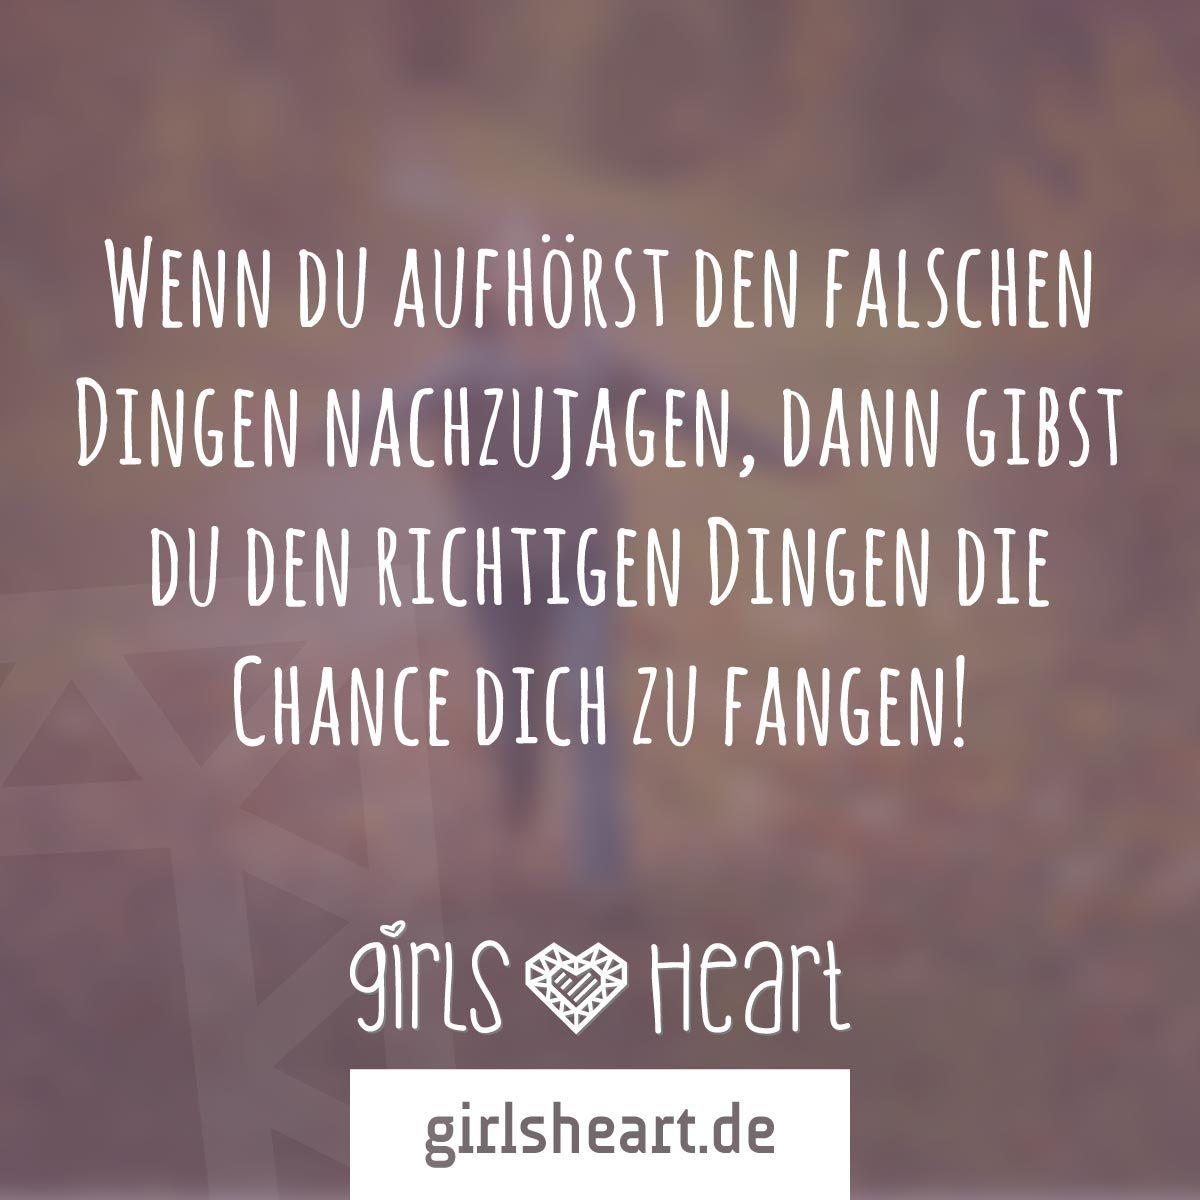 ziele im leben sprüche Mehr Sprüche auf: .girlsheart.de #ziele #chancen #leben #liebe  ziele im leben sprüche